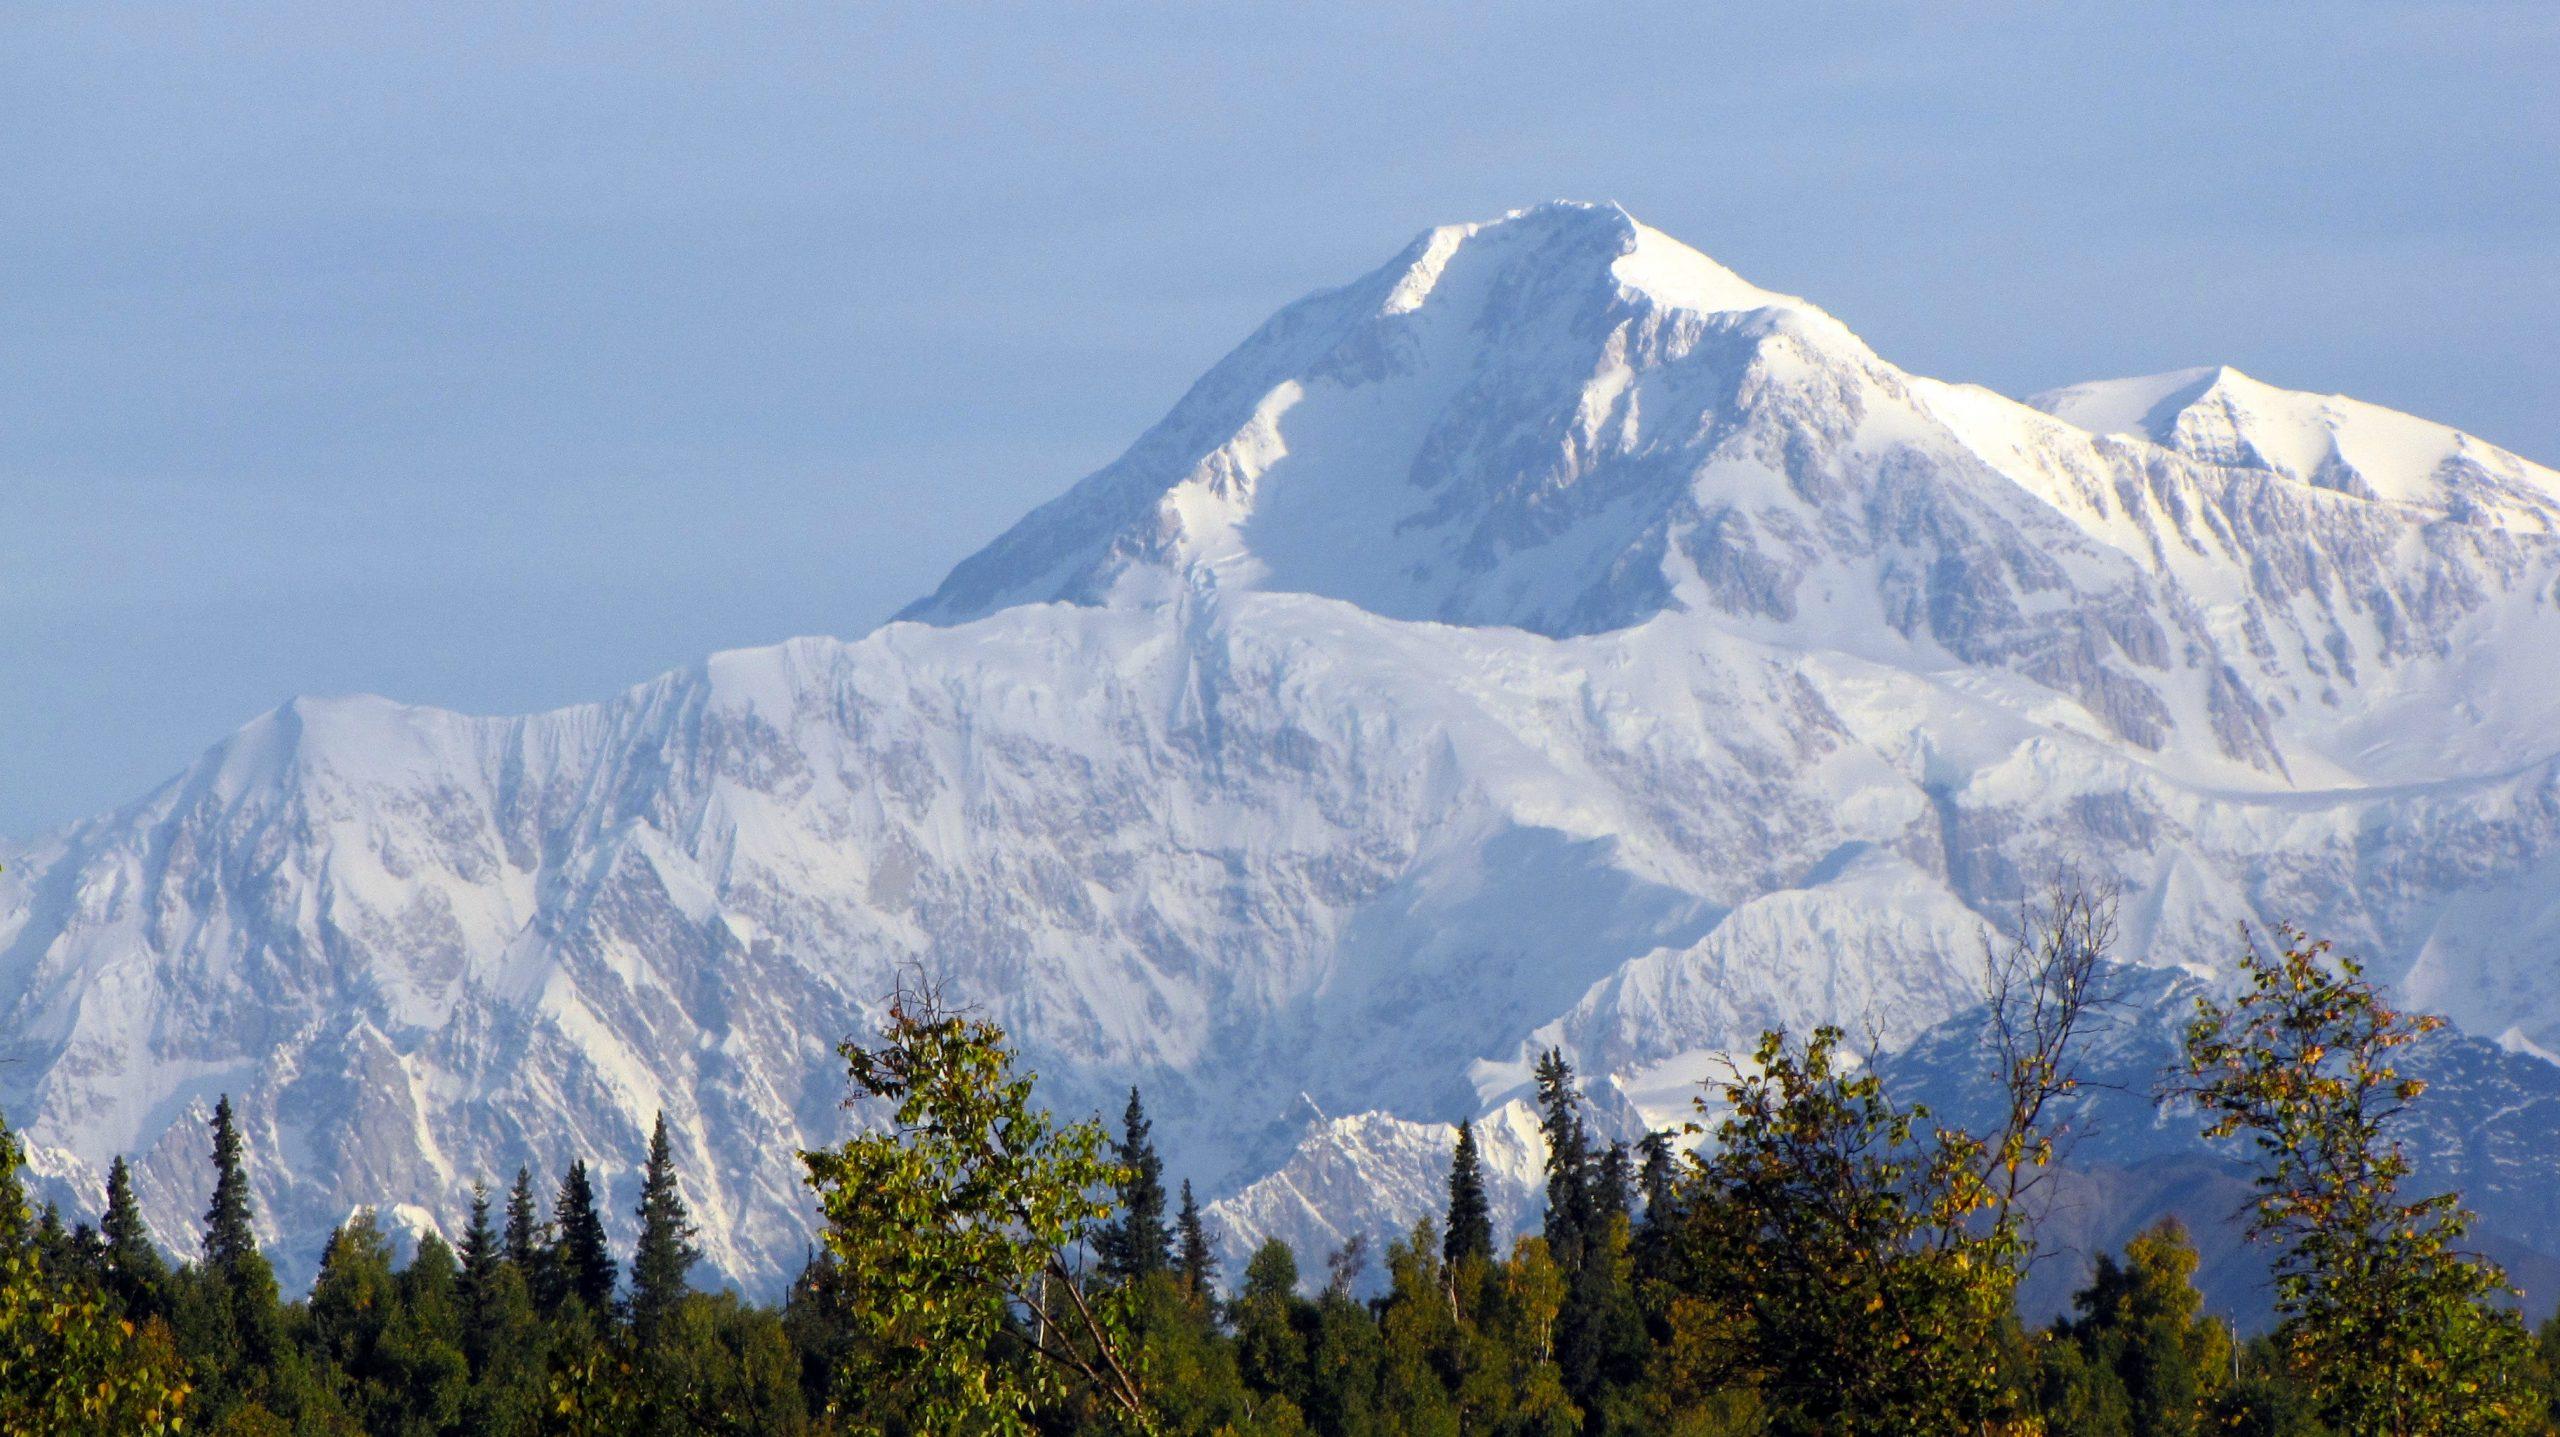 The peak of Denali